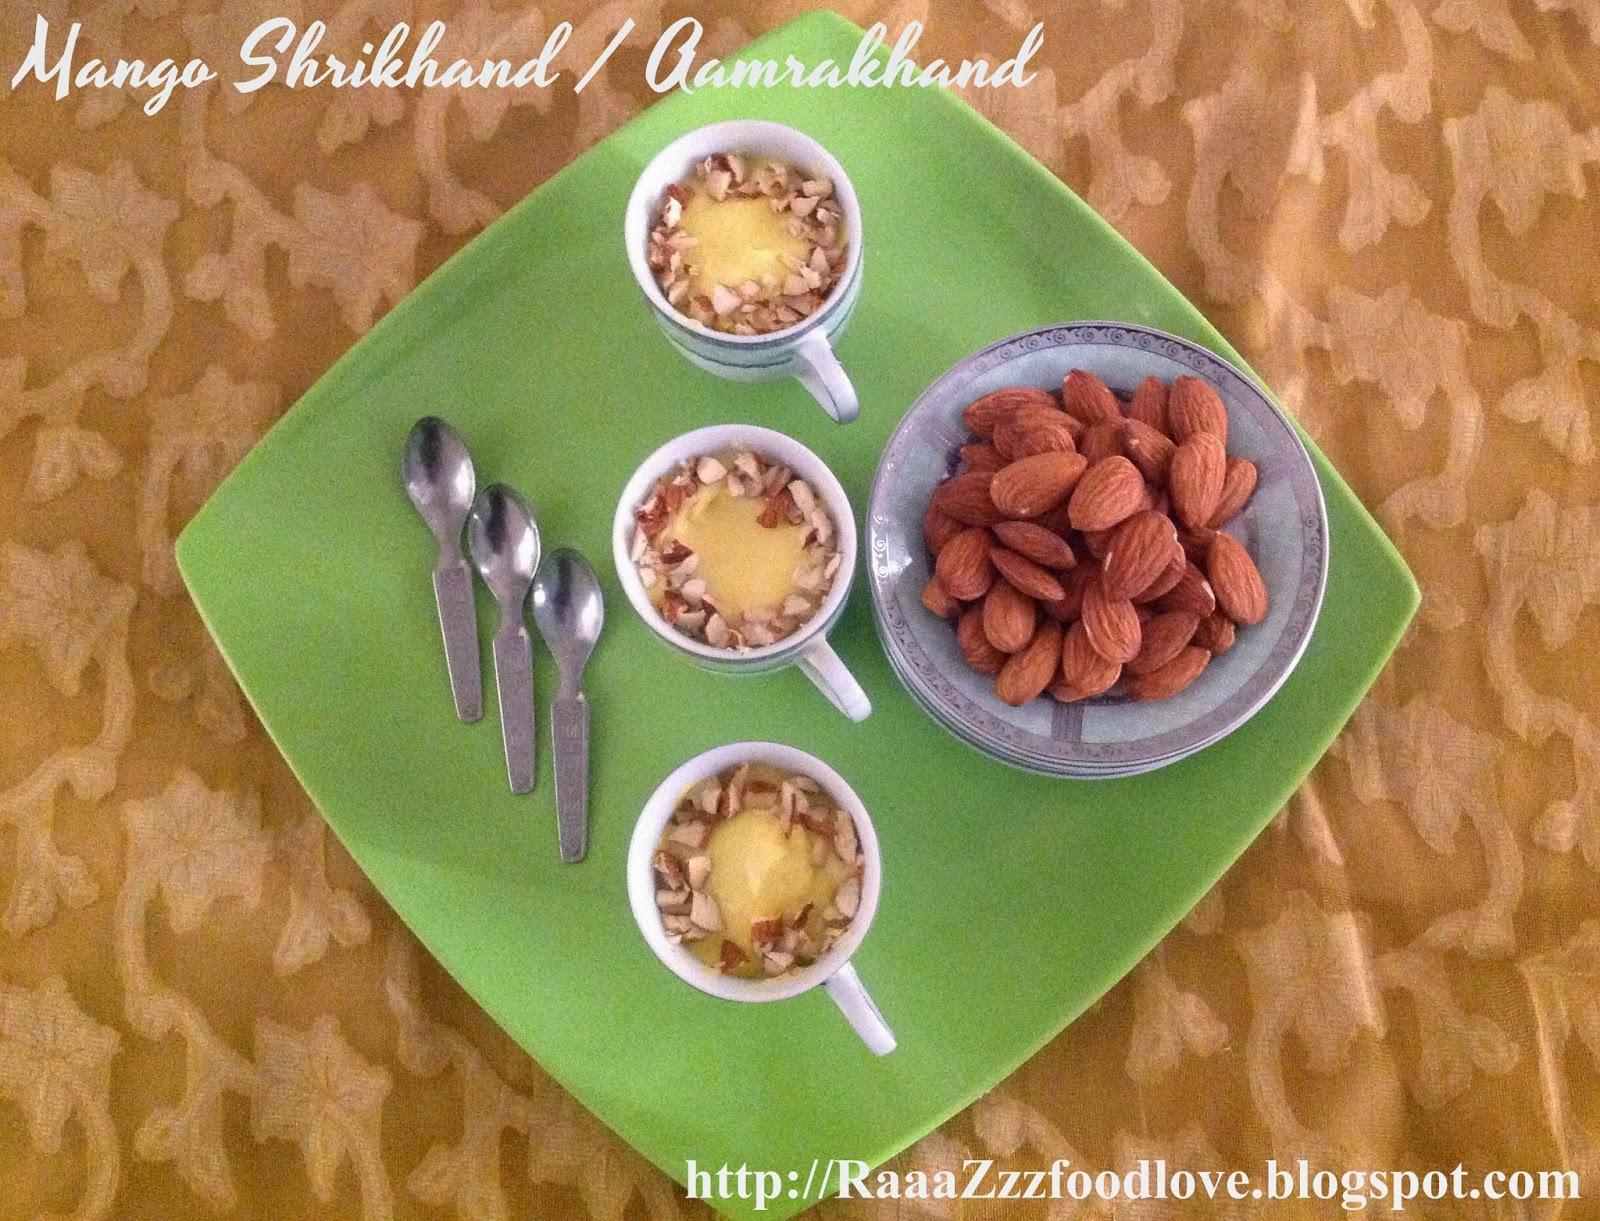 Mango Shrikhand / Aamrakhand